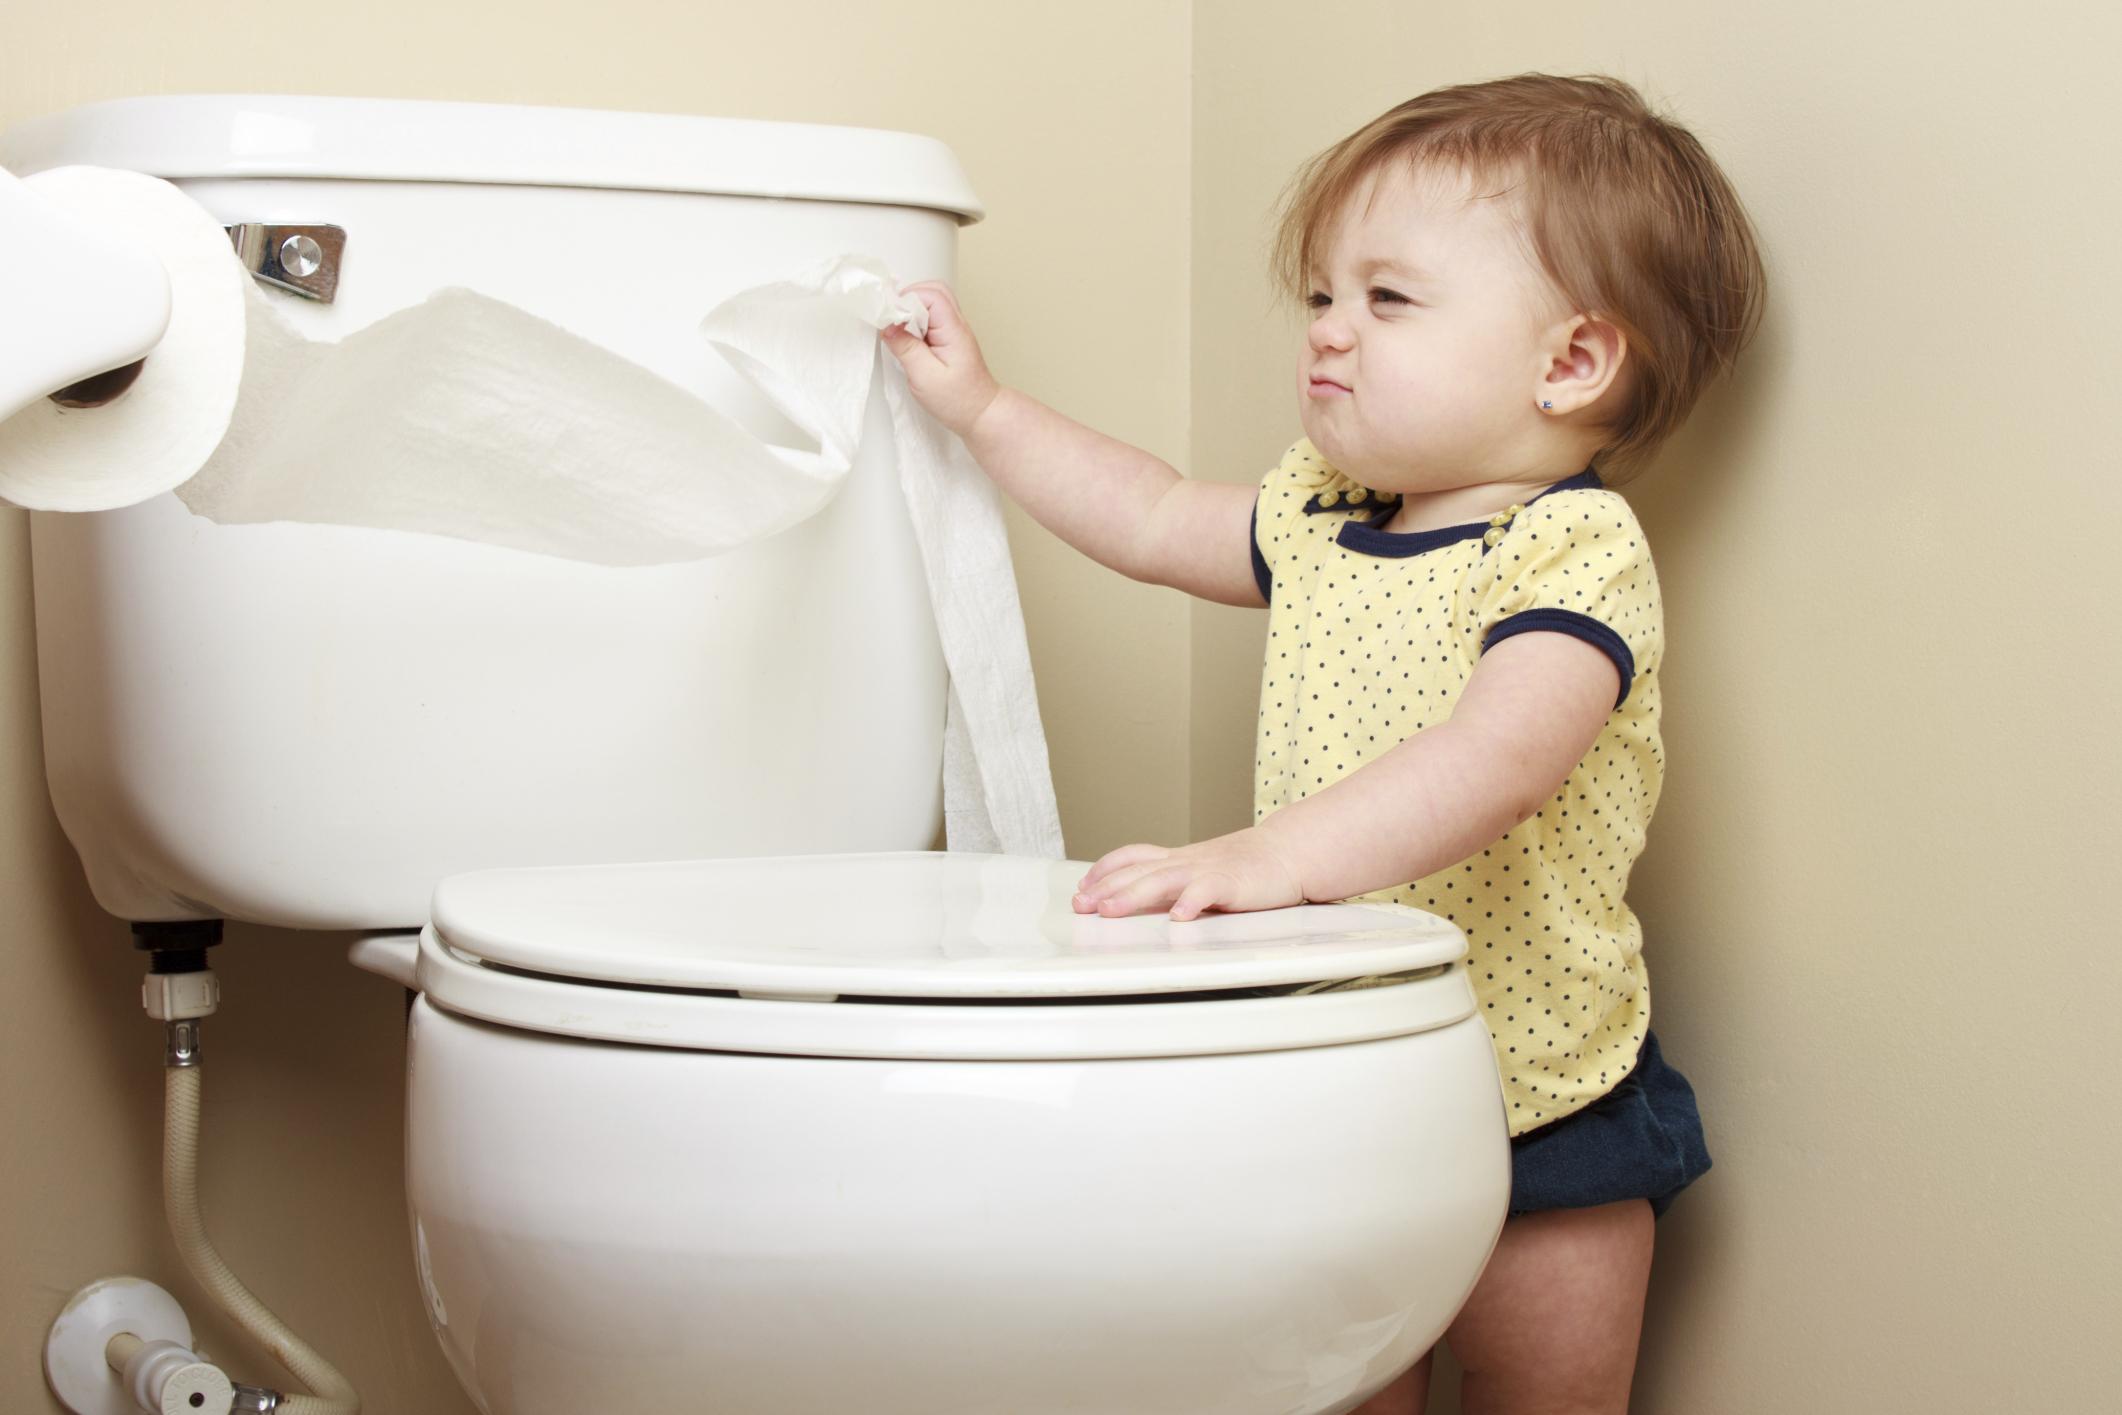 cách chữa trị cho bé bị tiêu chảy tại nhà